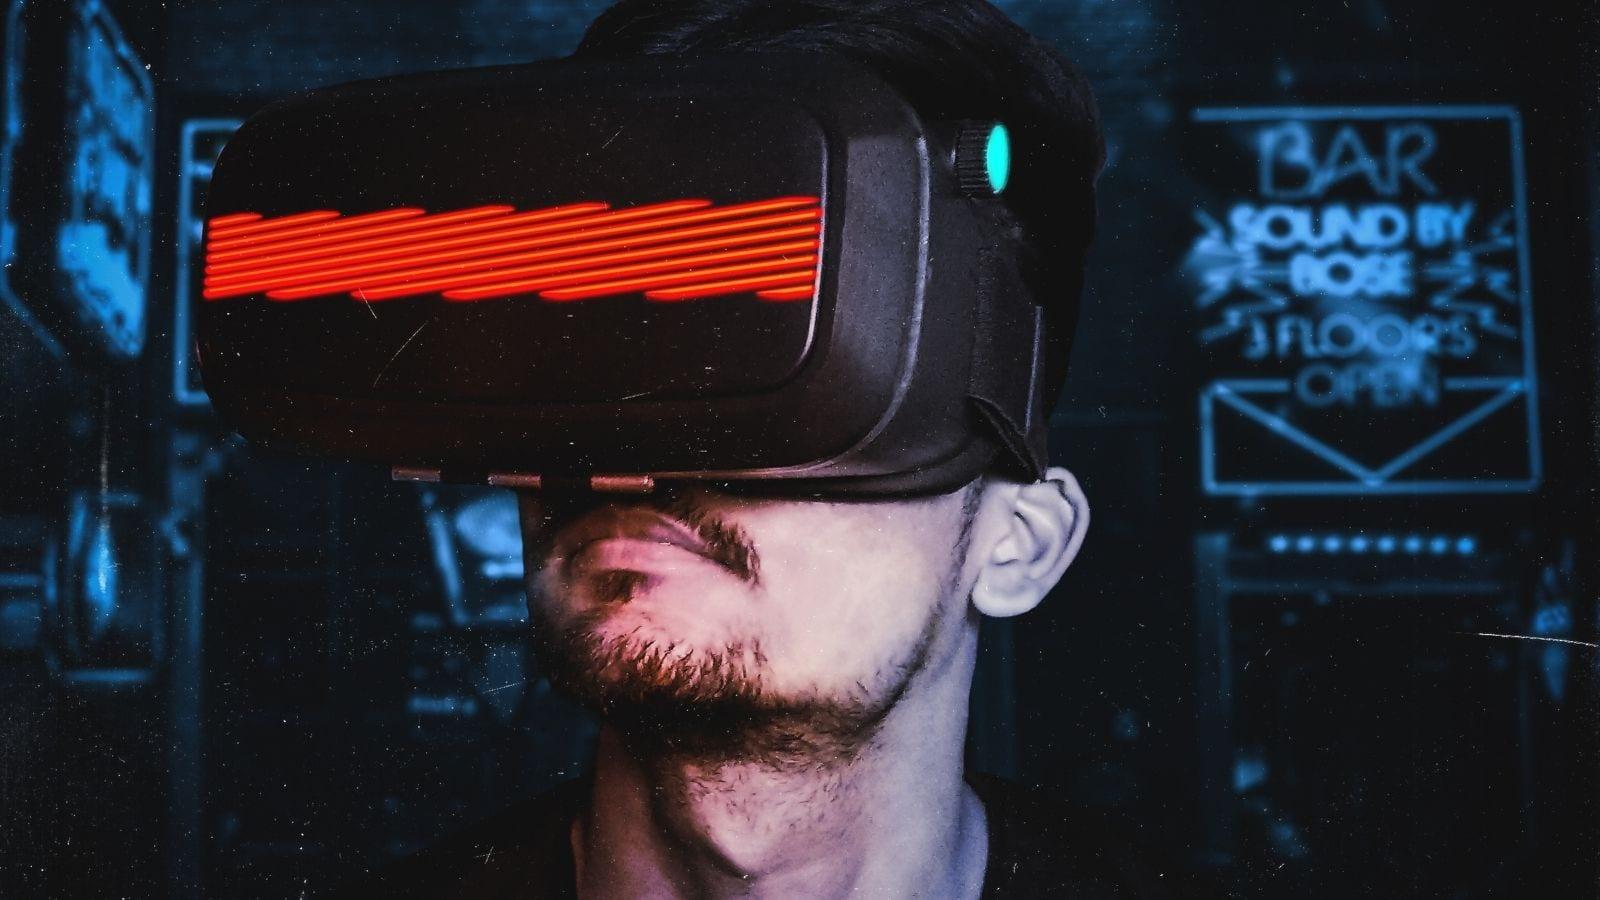 Jak będzie wyglądał świat w roku 2030? [BADANIE] Badania mediarun com ai trendy